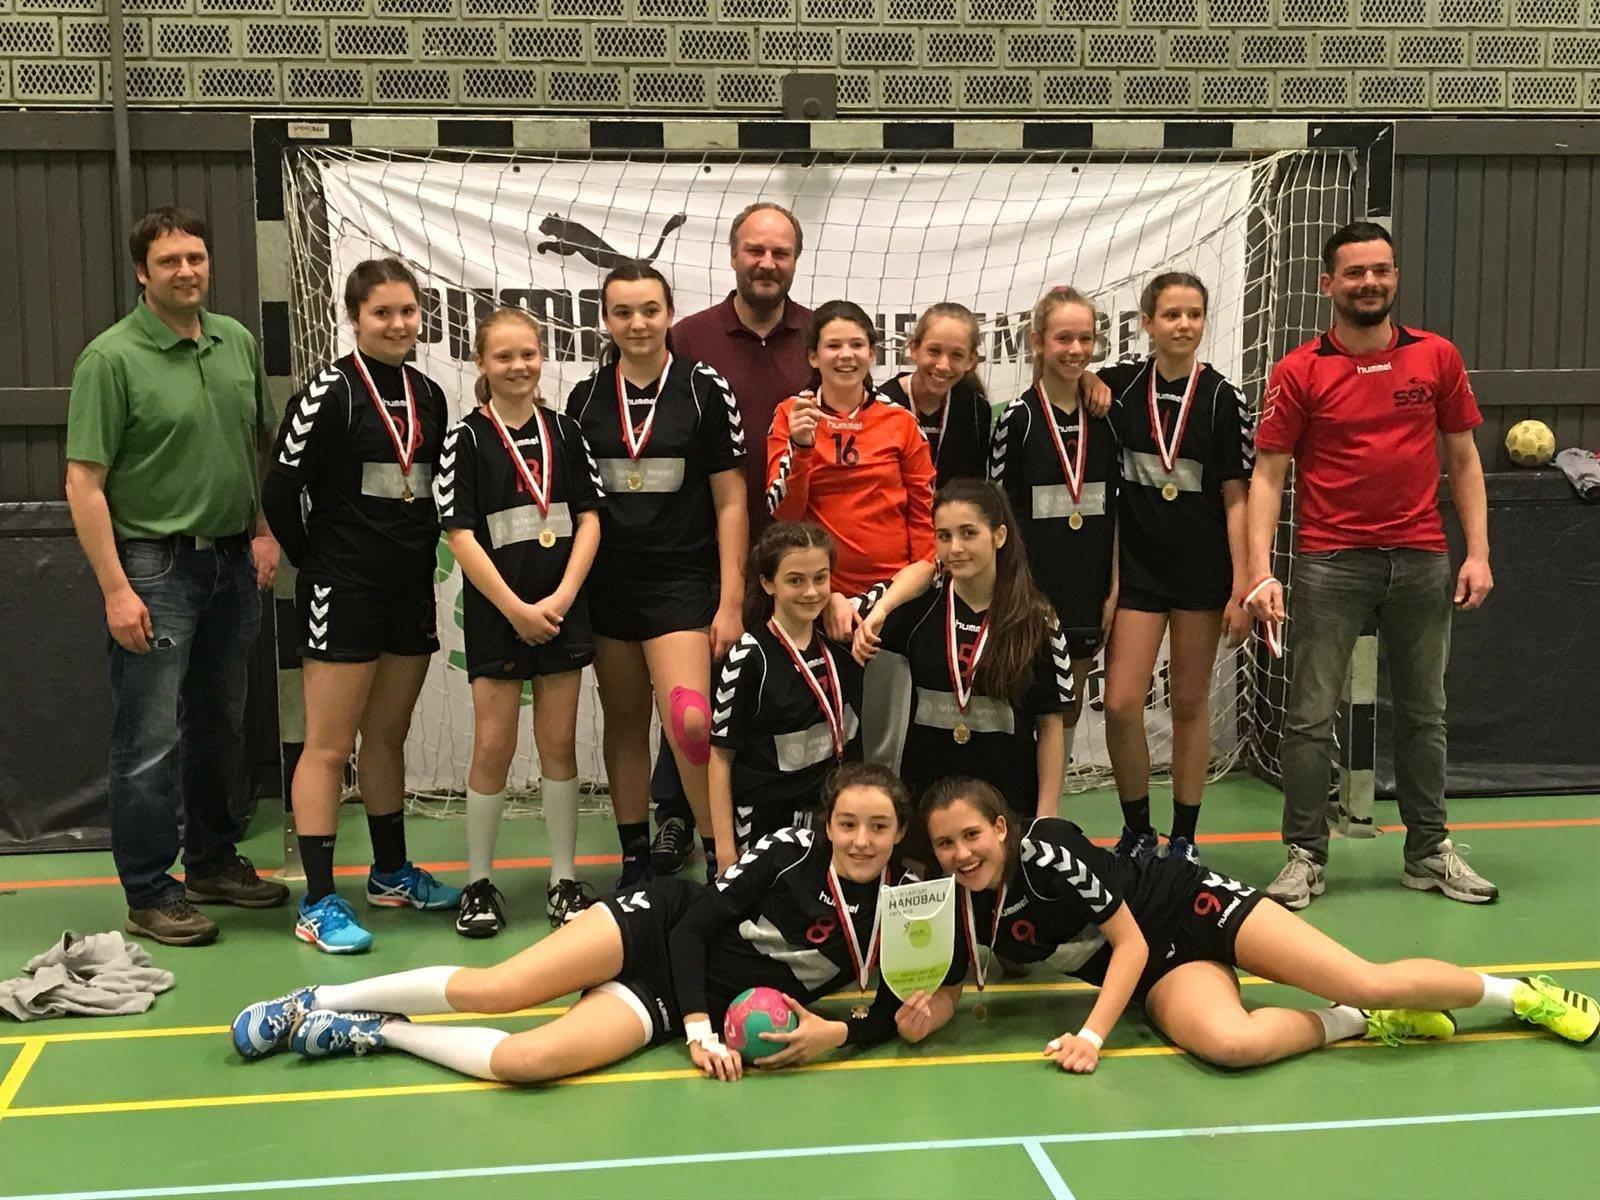 So sehen Landesmeister aus: Das erfolgreiche U13-Team des SSV Dornbirn Schoren.